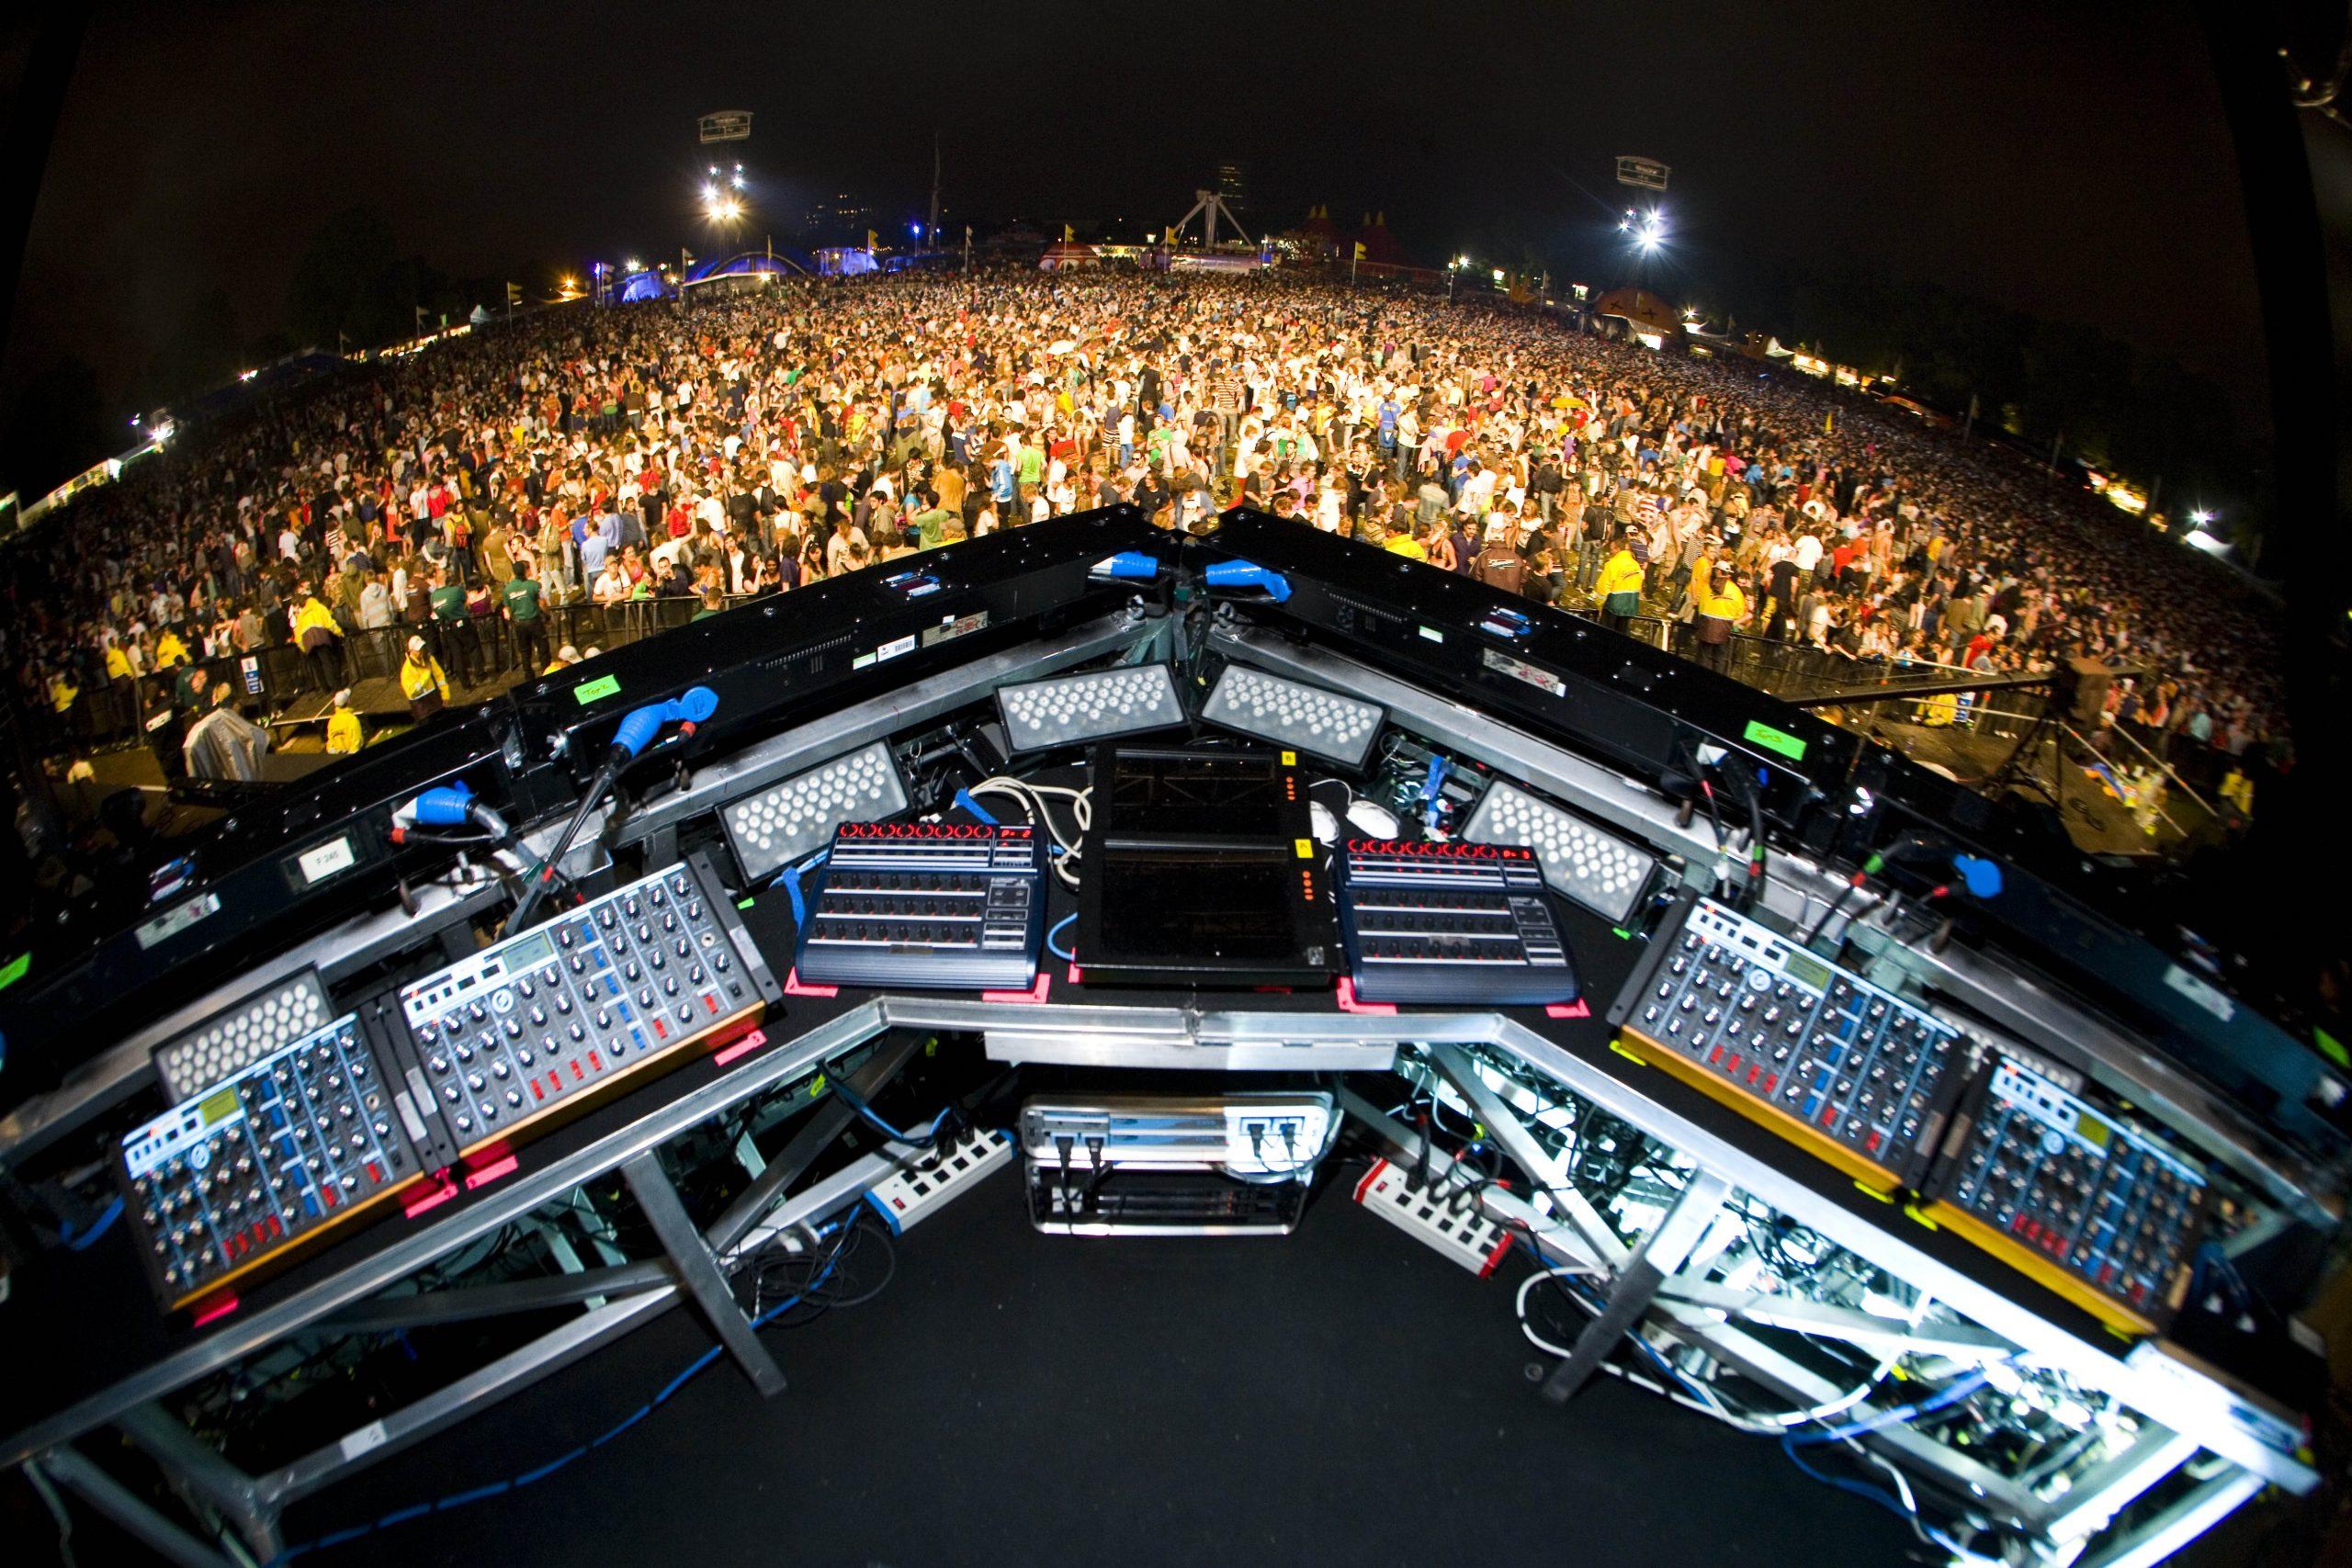 Alive 2007: La gira donde Daft Punk revolucionó los conciertos de electrónica